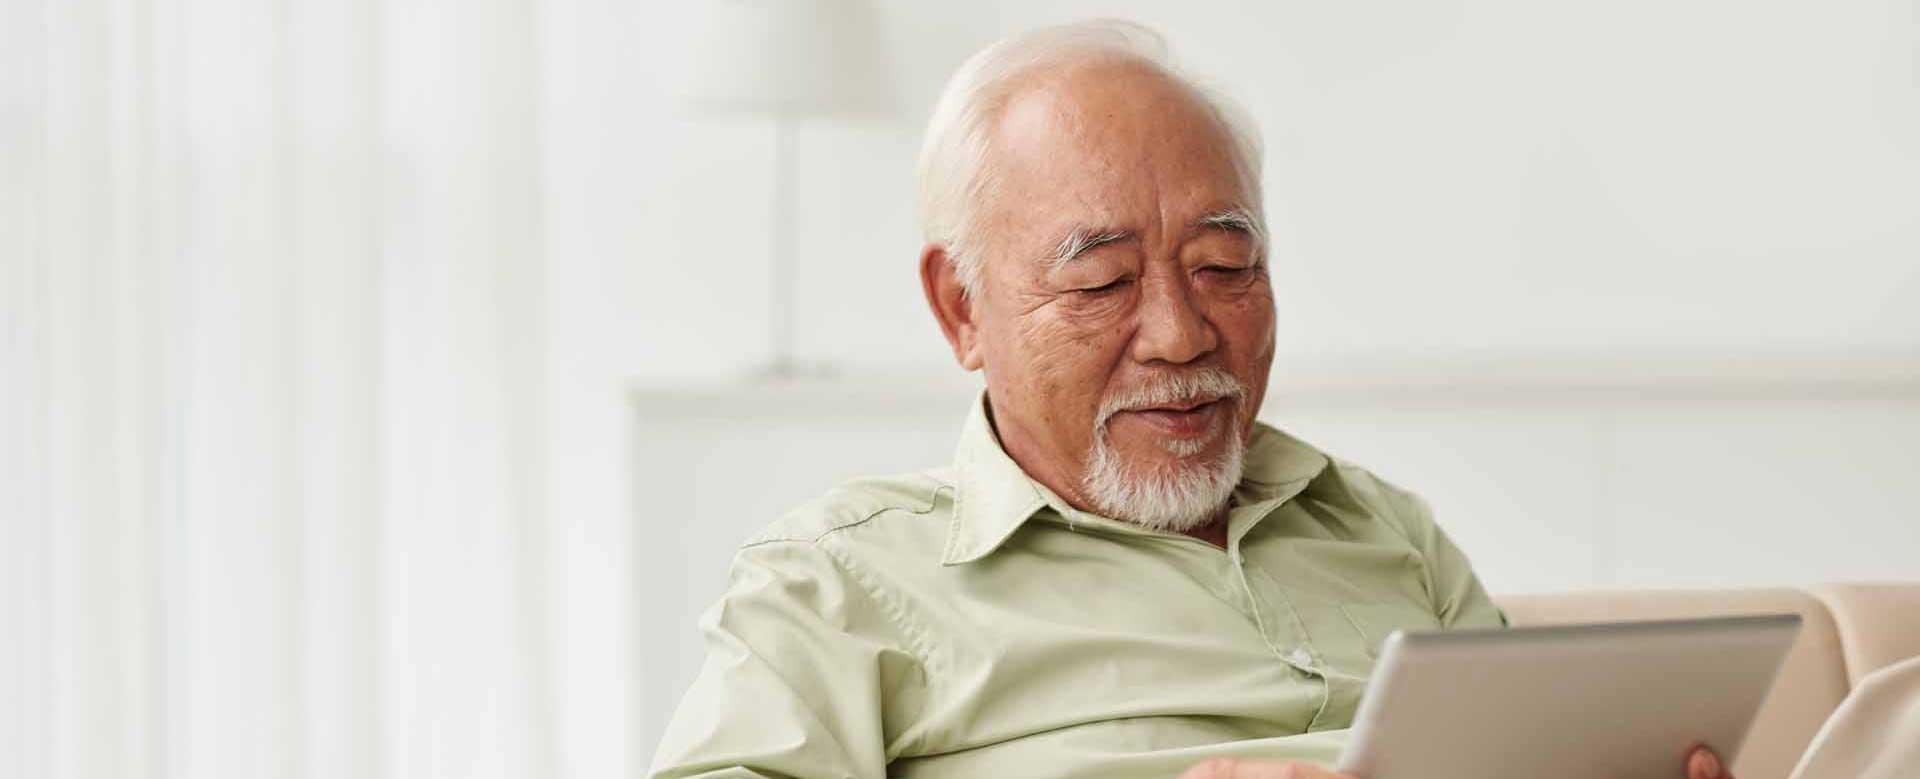 Elderly man browing tablet